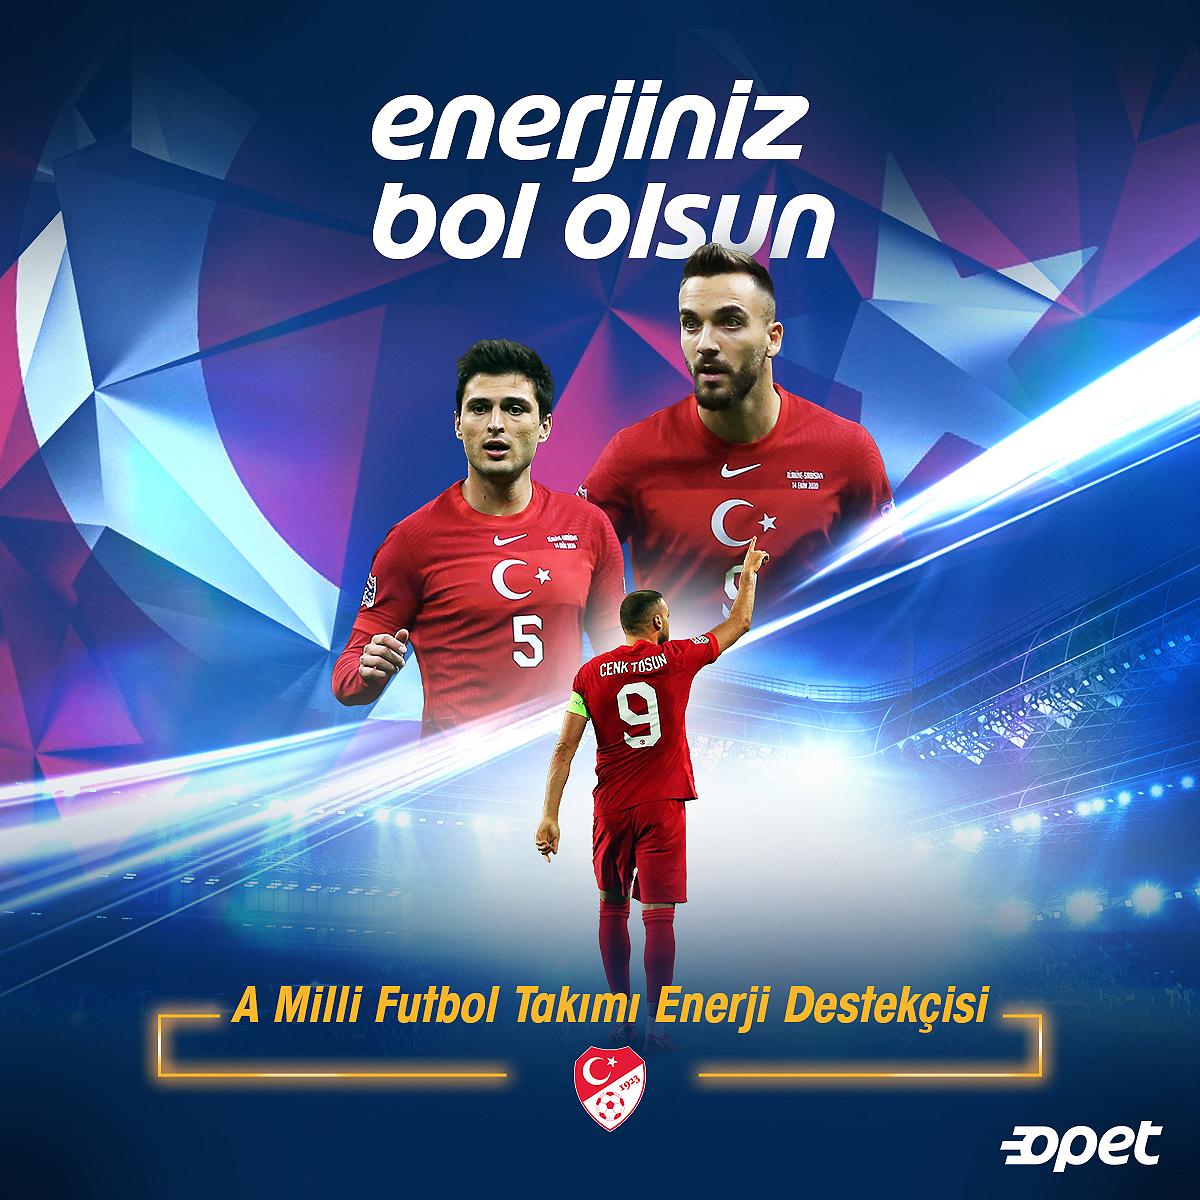 Uluslar Ligi grupları son mücadelesinde Macaristan deplasmanına çıkıyoruz. İlk düdükten son düdüğe kadar millilerimizin yanında olmaktan gurur duyuyoruz!